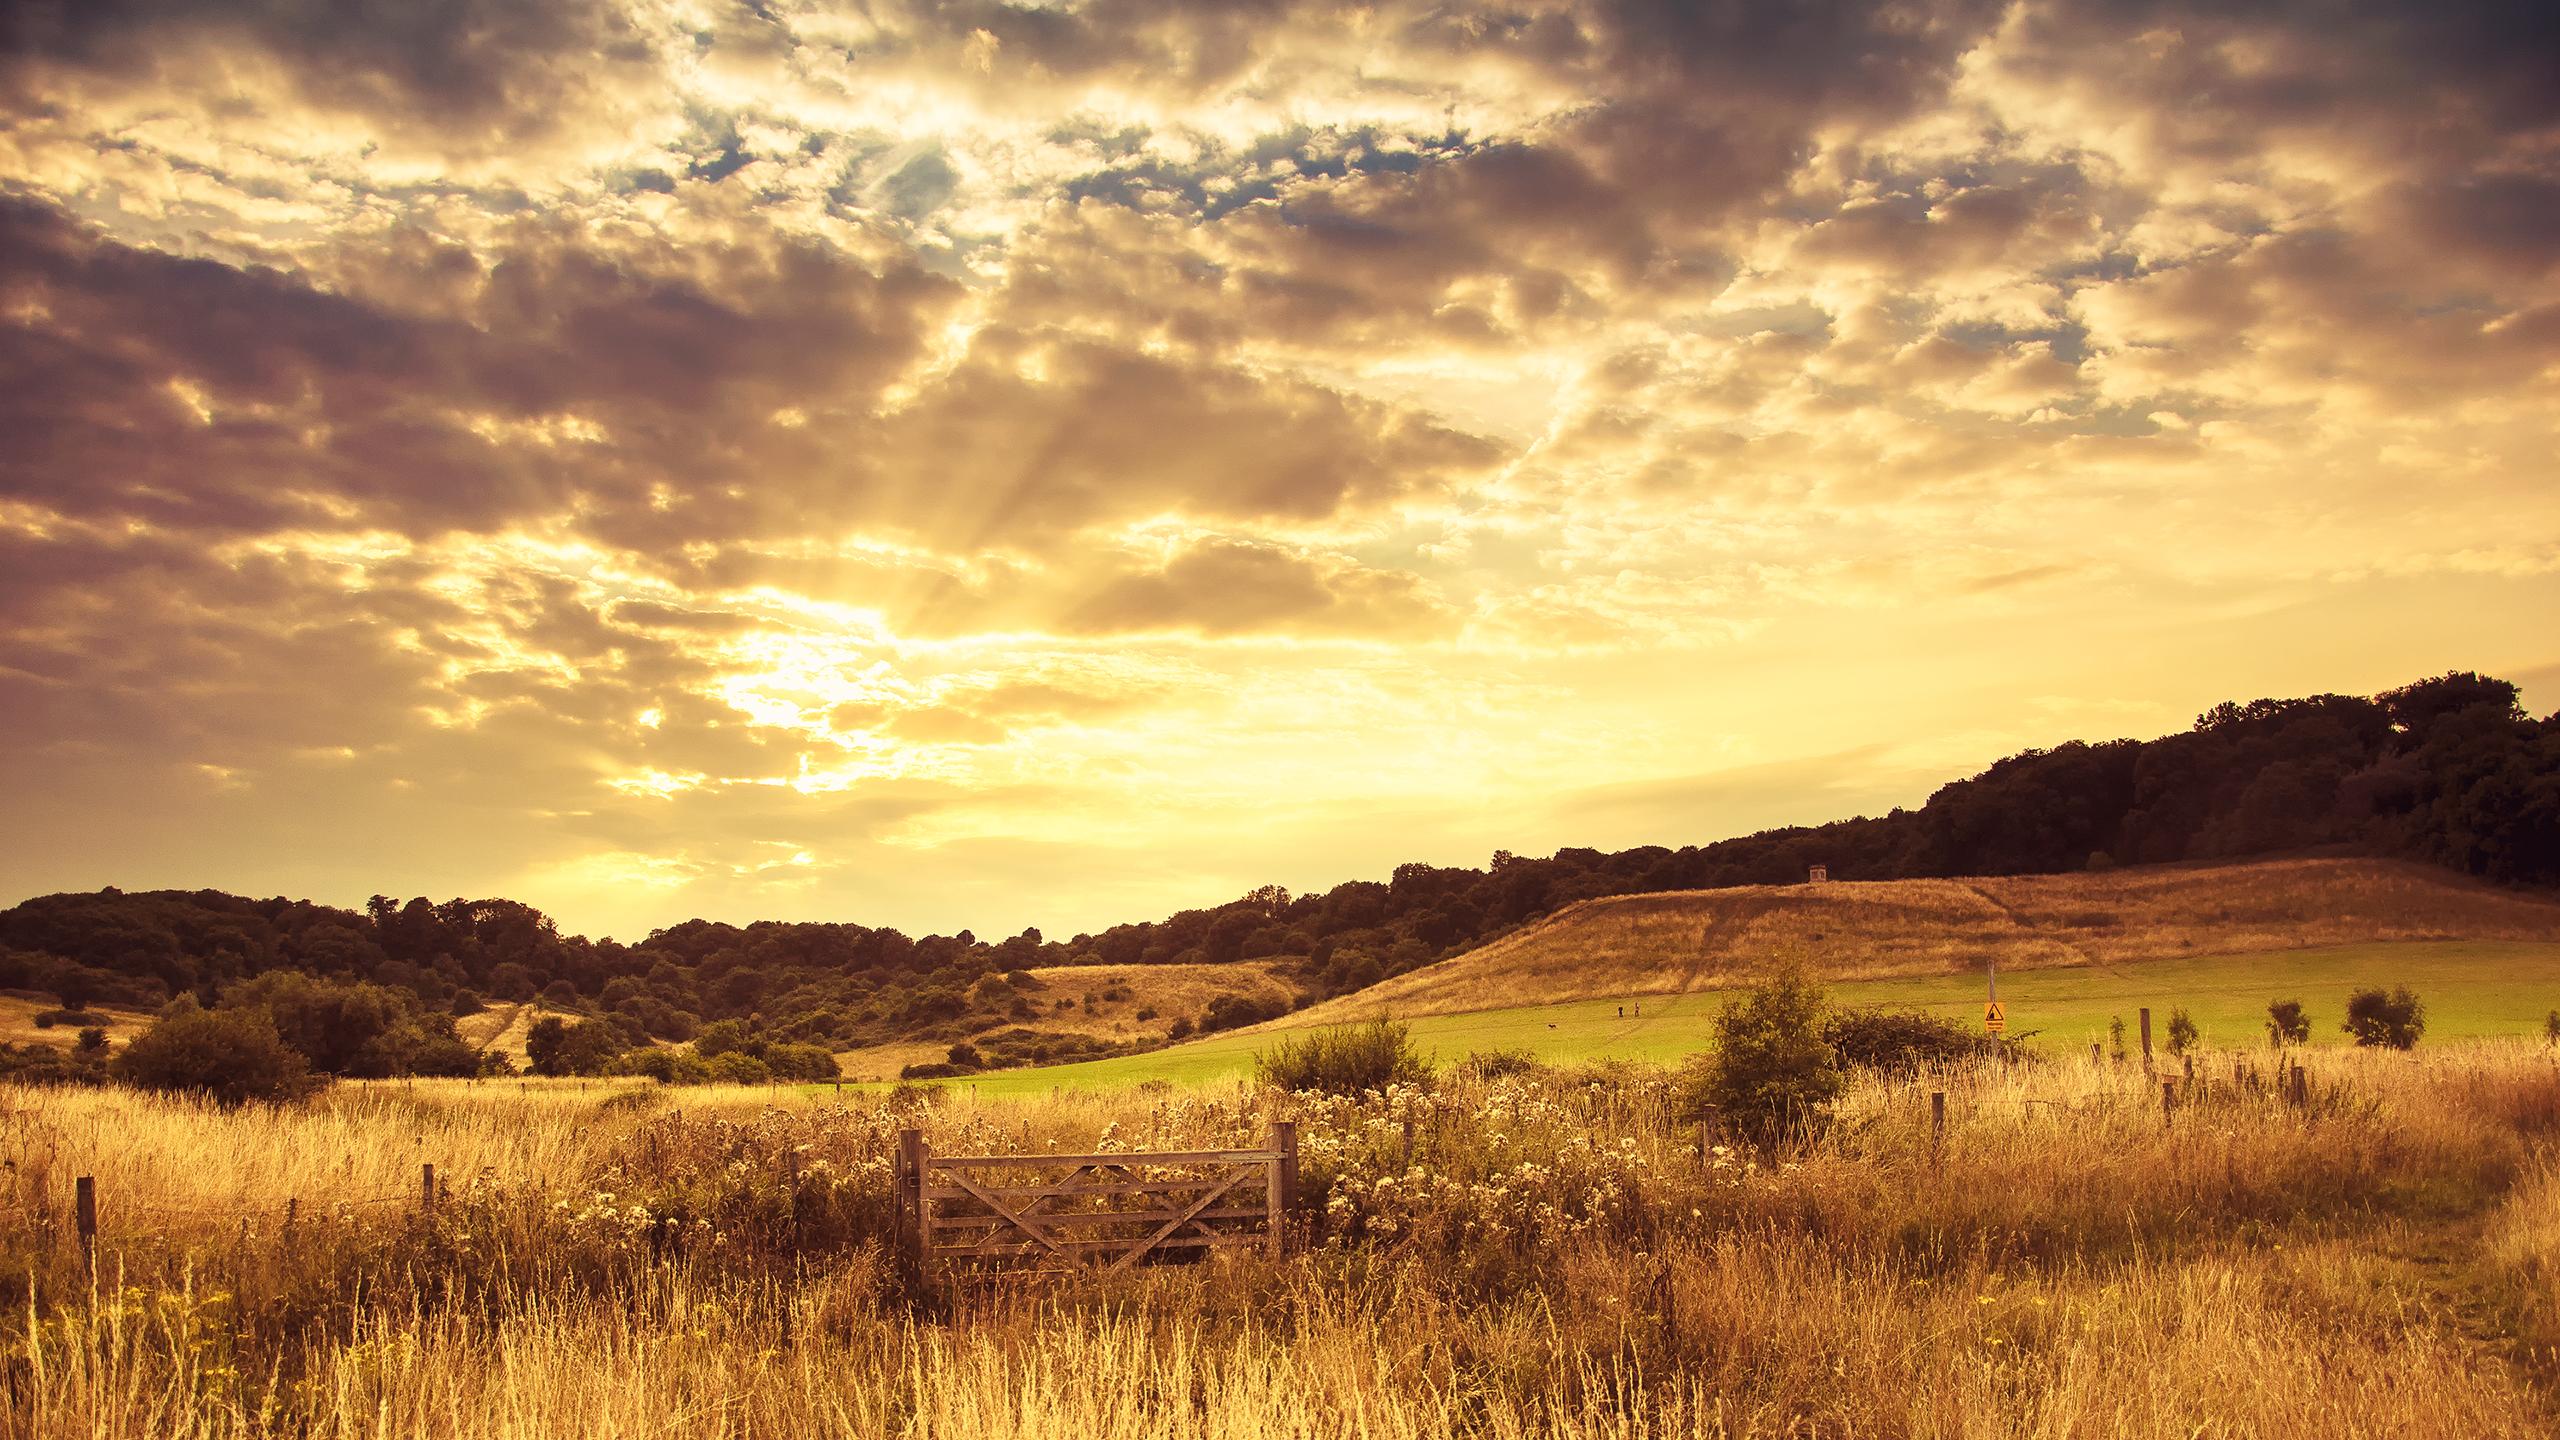 golden_sunset_wallpaper_2560x1440